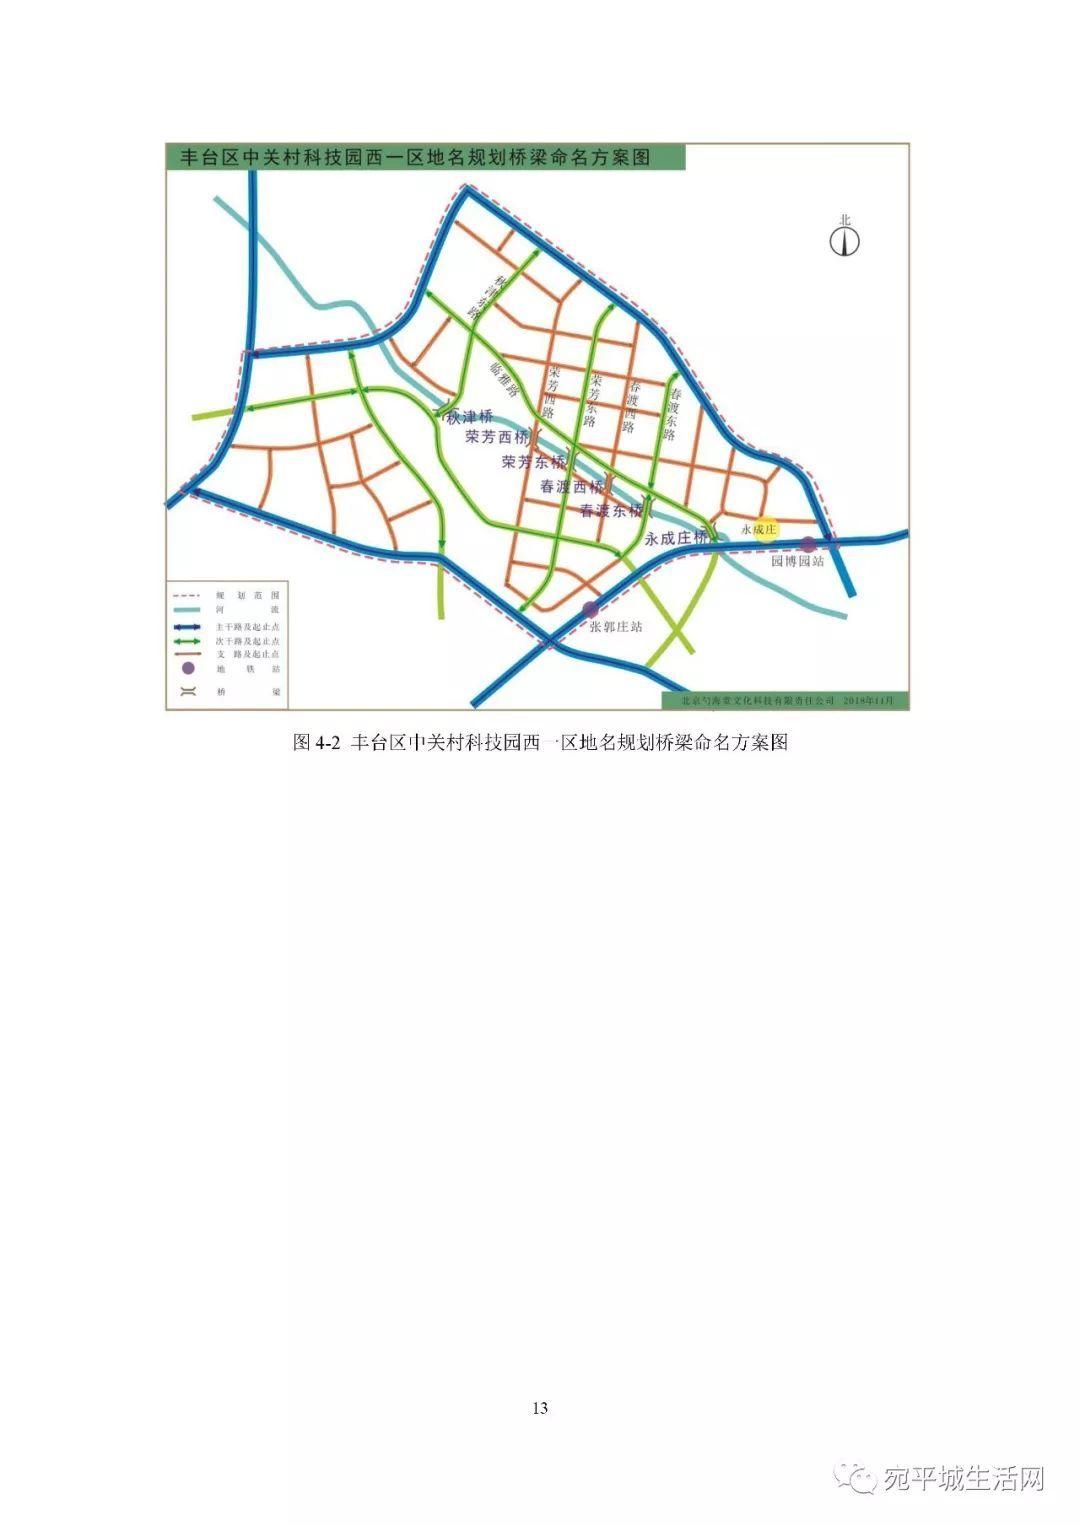 咱卢沟桥附近的中关村西区地名规划开始公示,含长辛店 园博园区域,春渡东路 临雅路 明秀路 是不是很好听呢